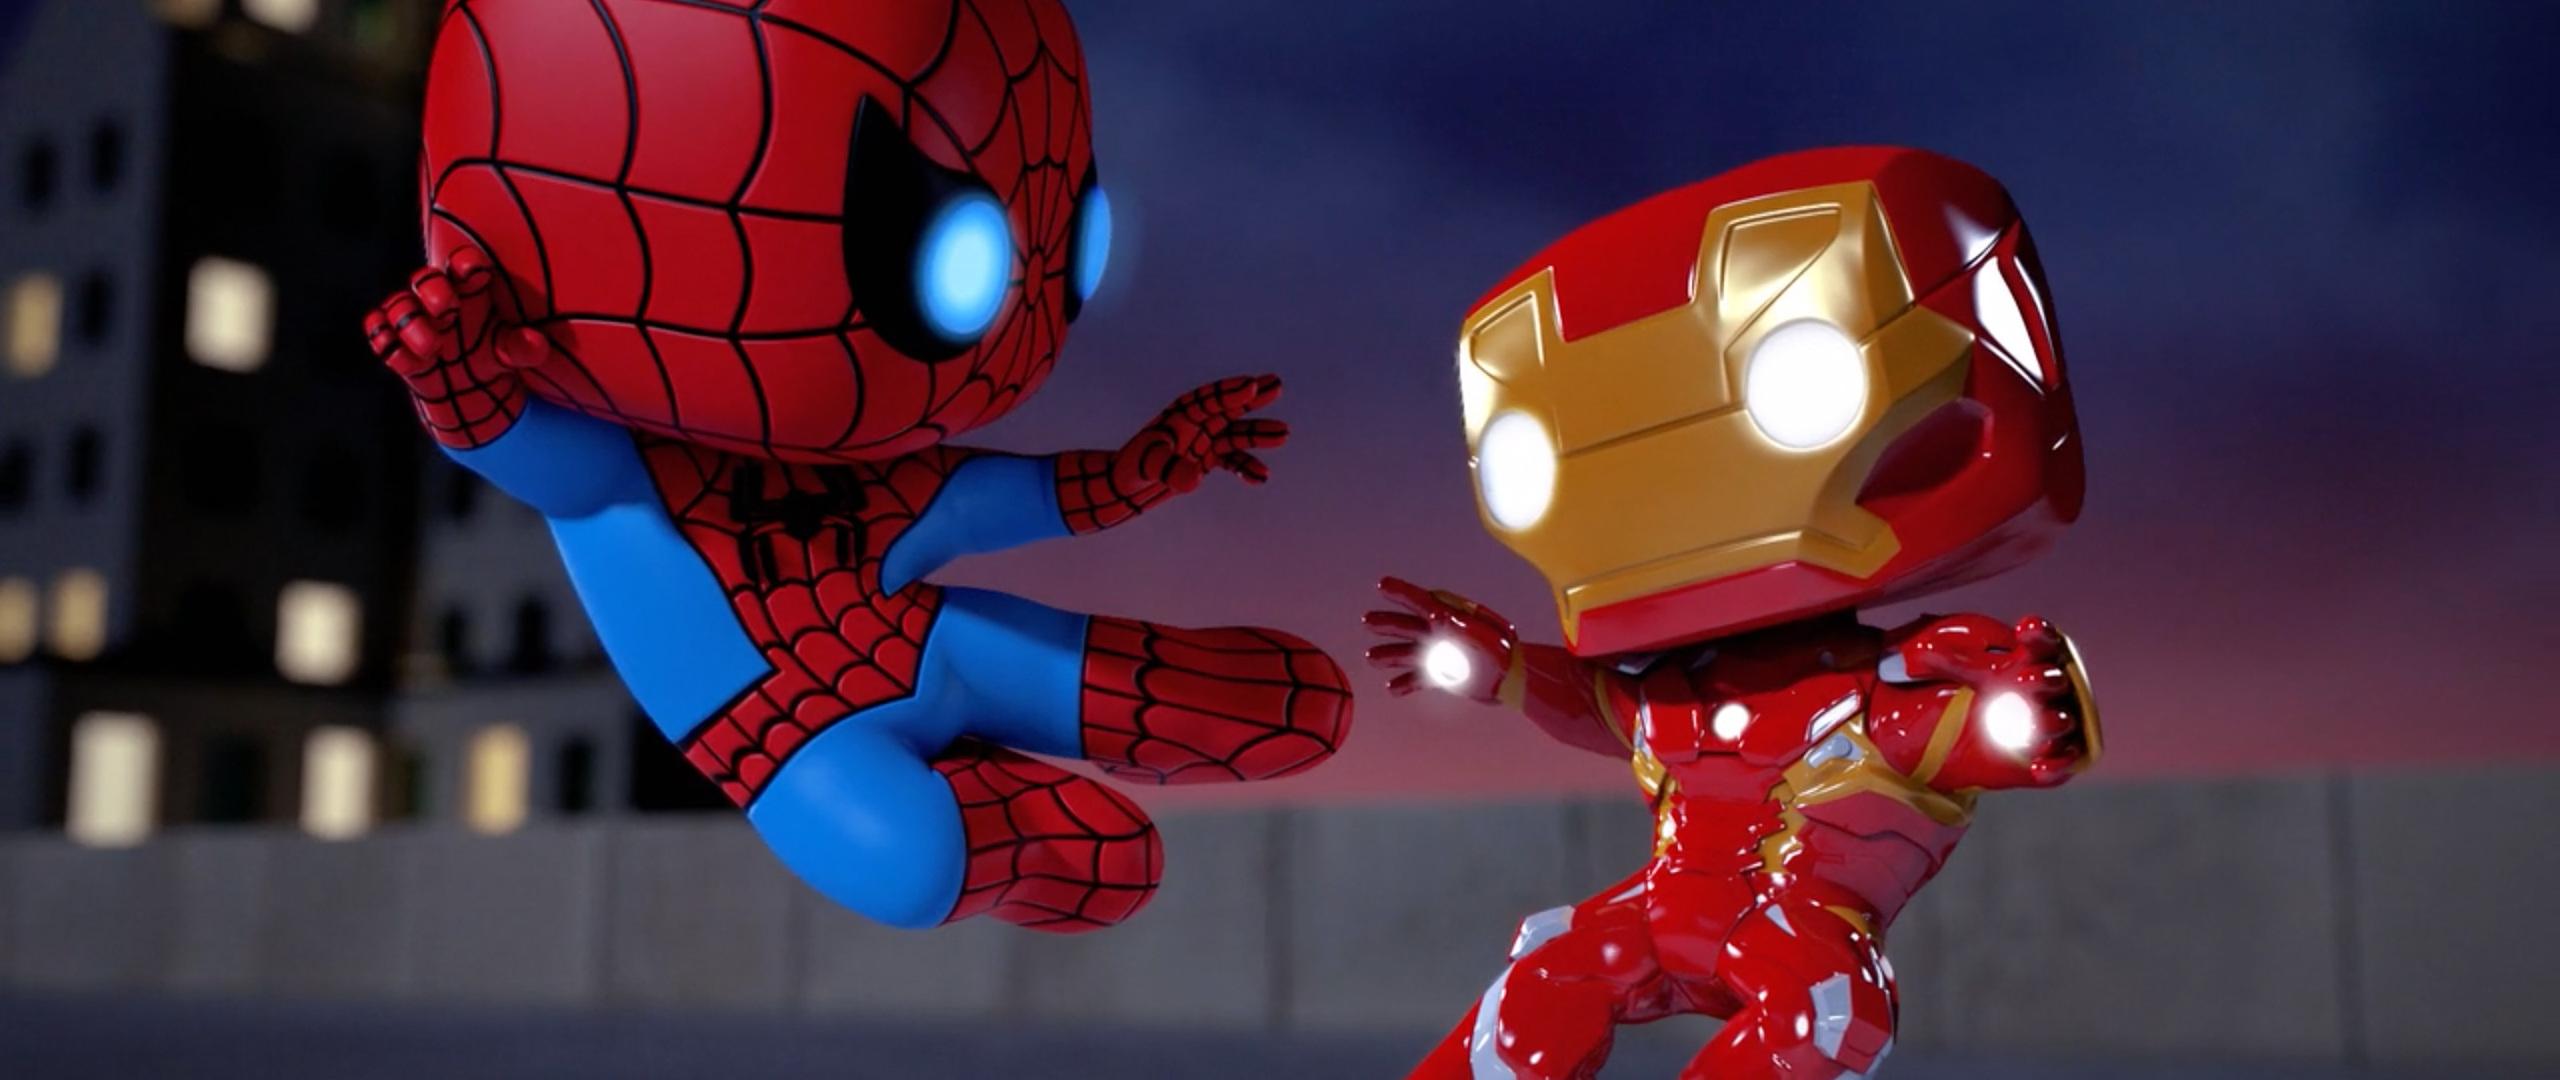 <b>Spider Man Wallpaper</b> 352872 - WallDevil